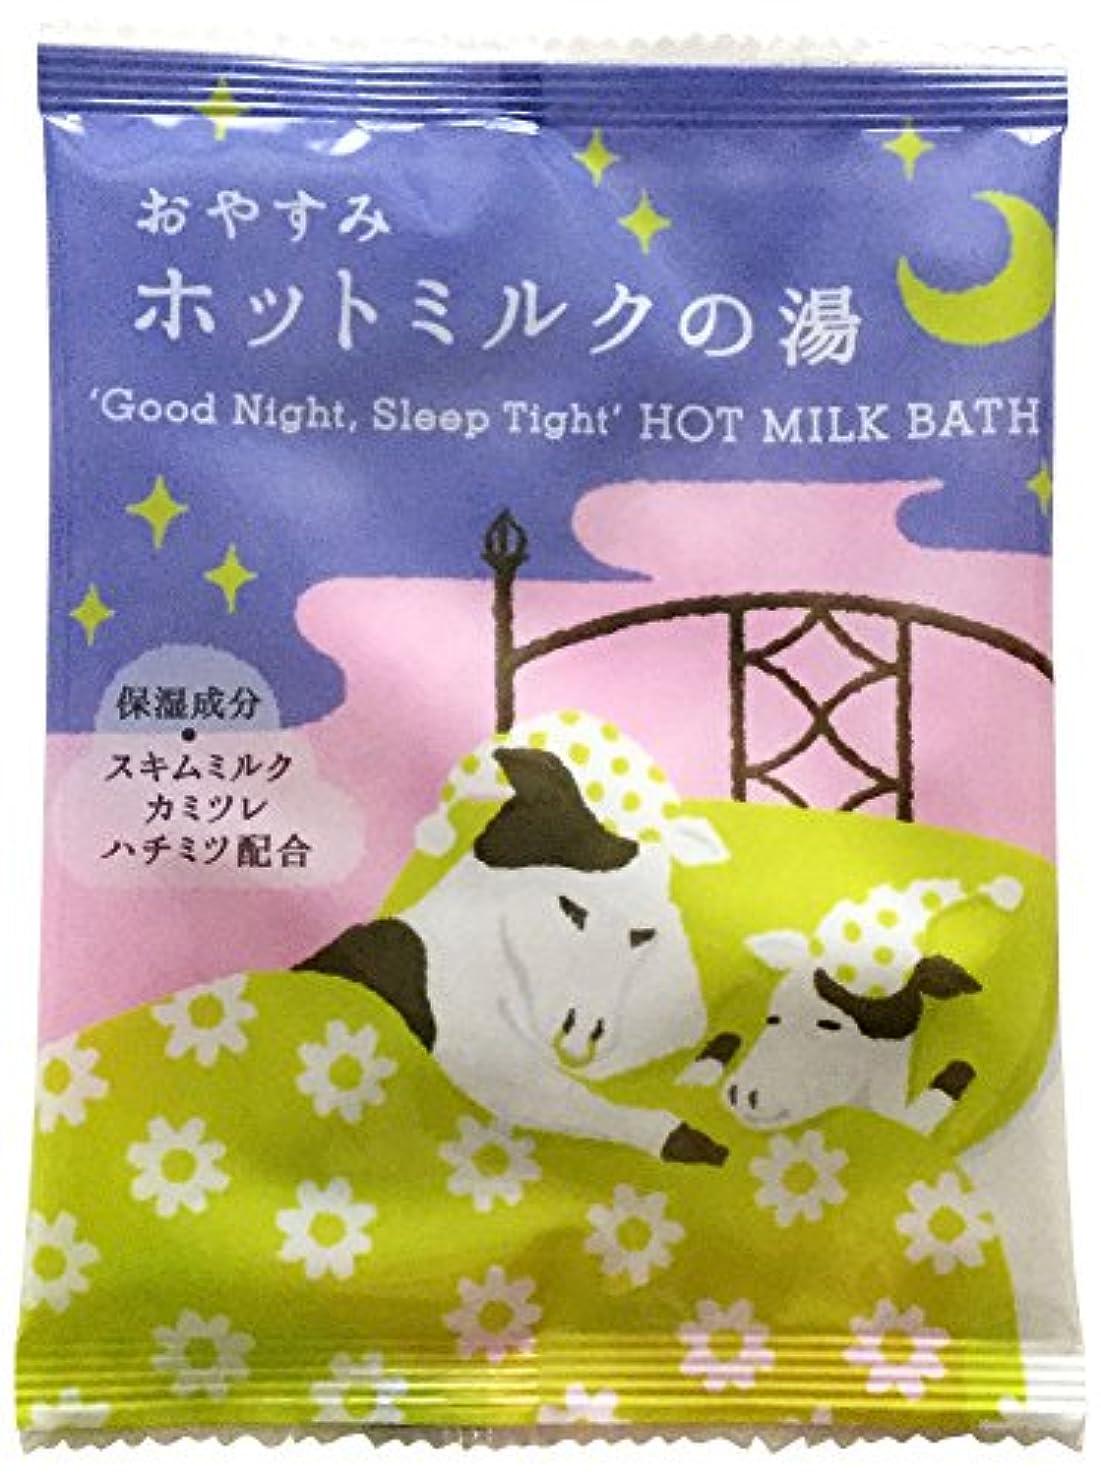 遠え何よりも繁栄するチャーリー 絵本バスバッグ 入浴剤 日本製 30g 1袋 (BB●ホットミルク(09451))